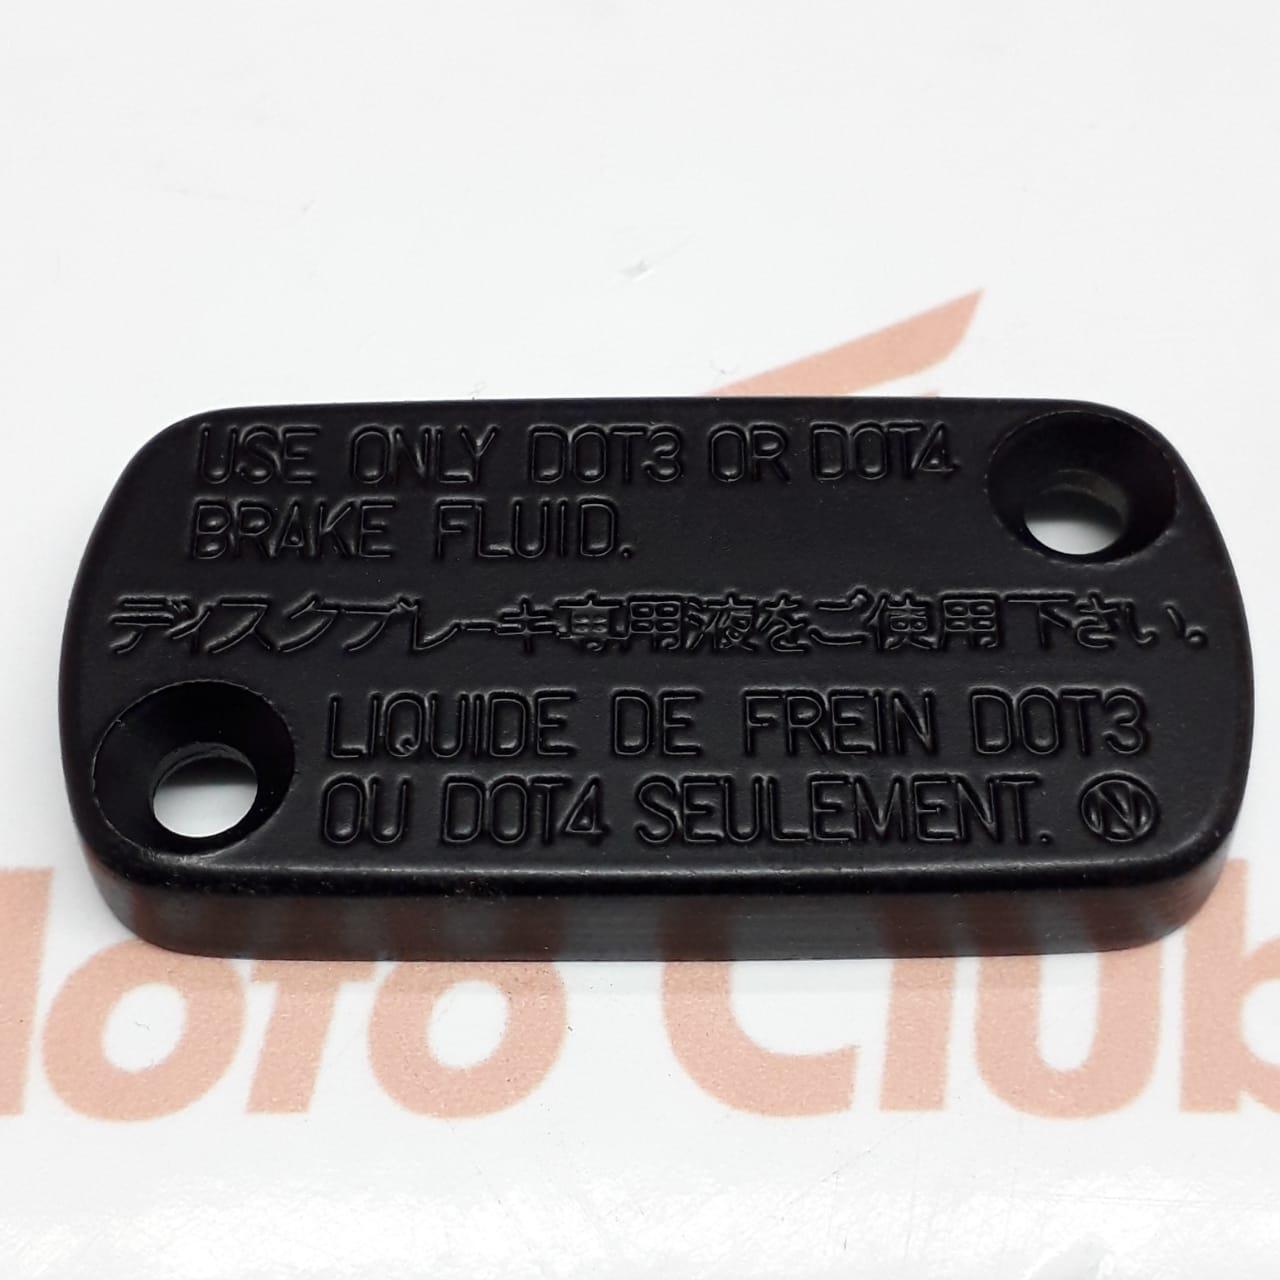 Tampa Cilindro Mestre BIZ 125 2006 2007 2008 2009 2010 Original Honda 45513GW0911